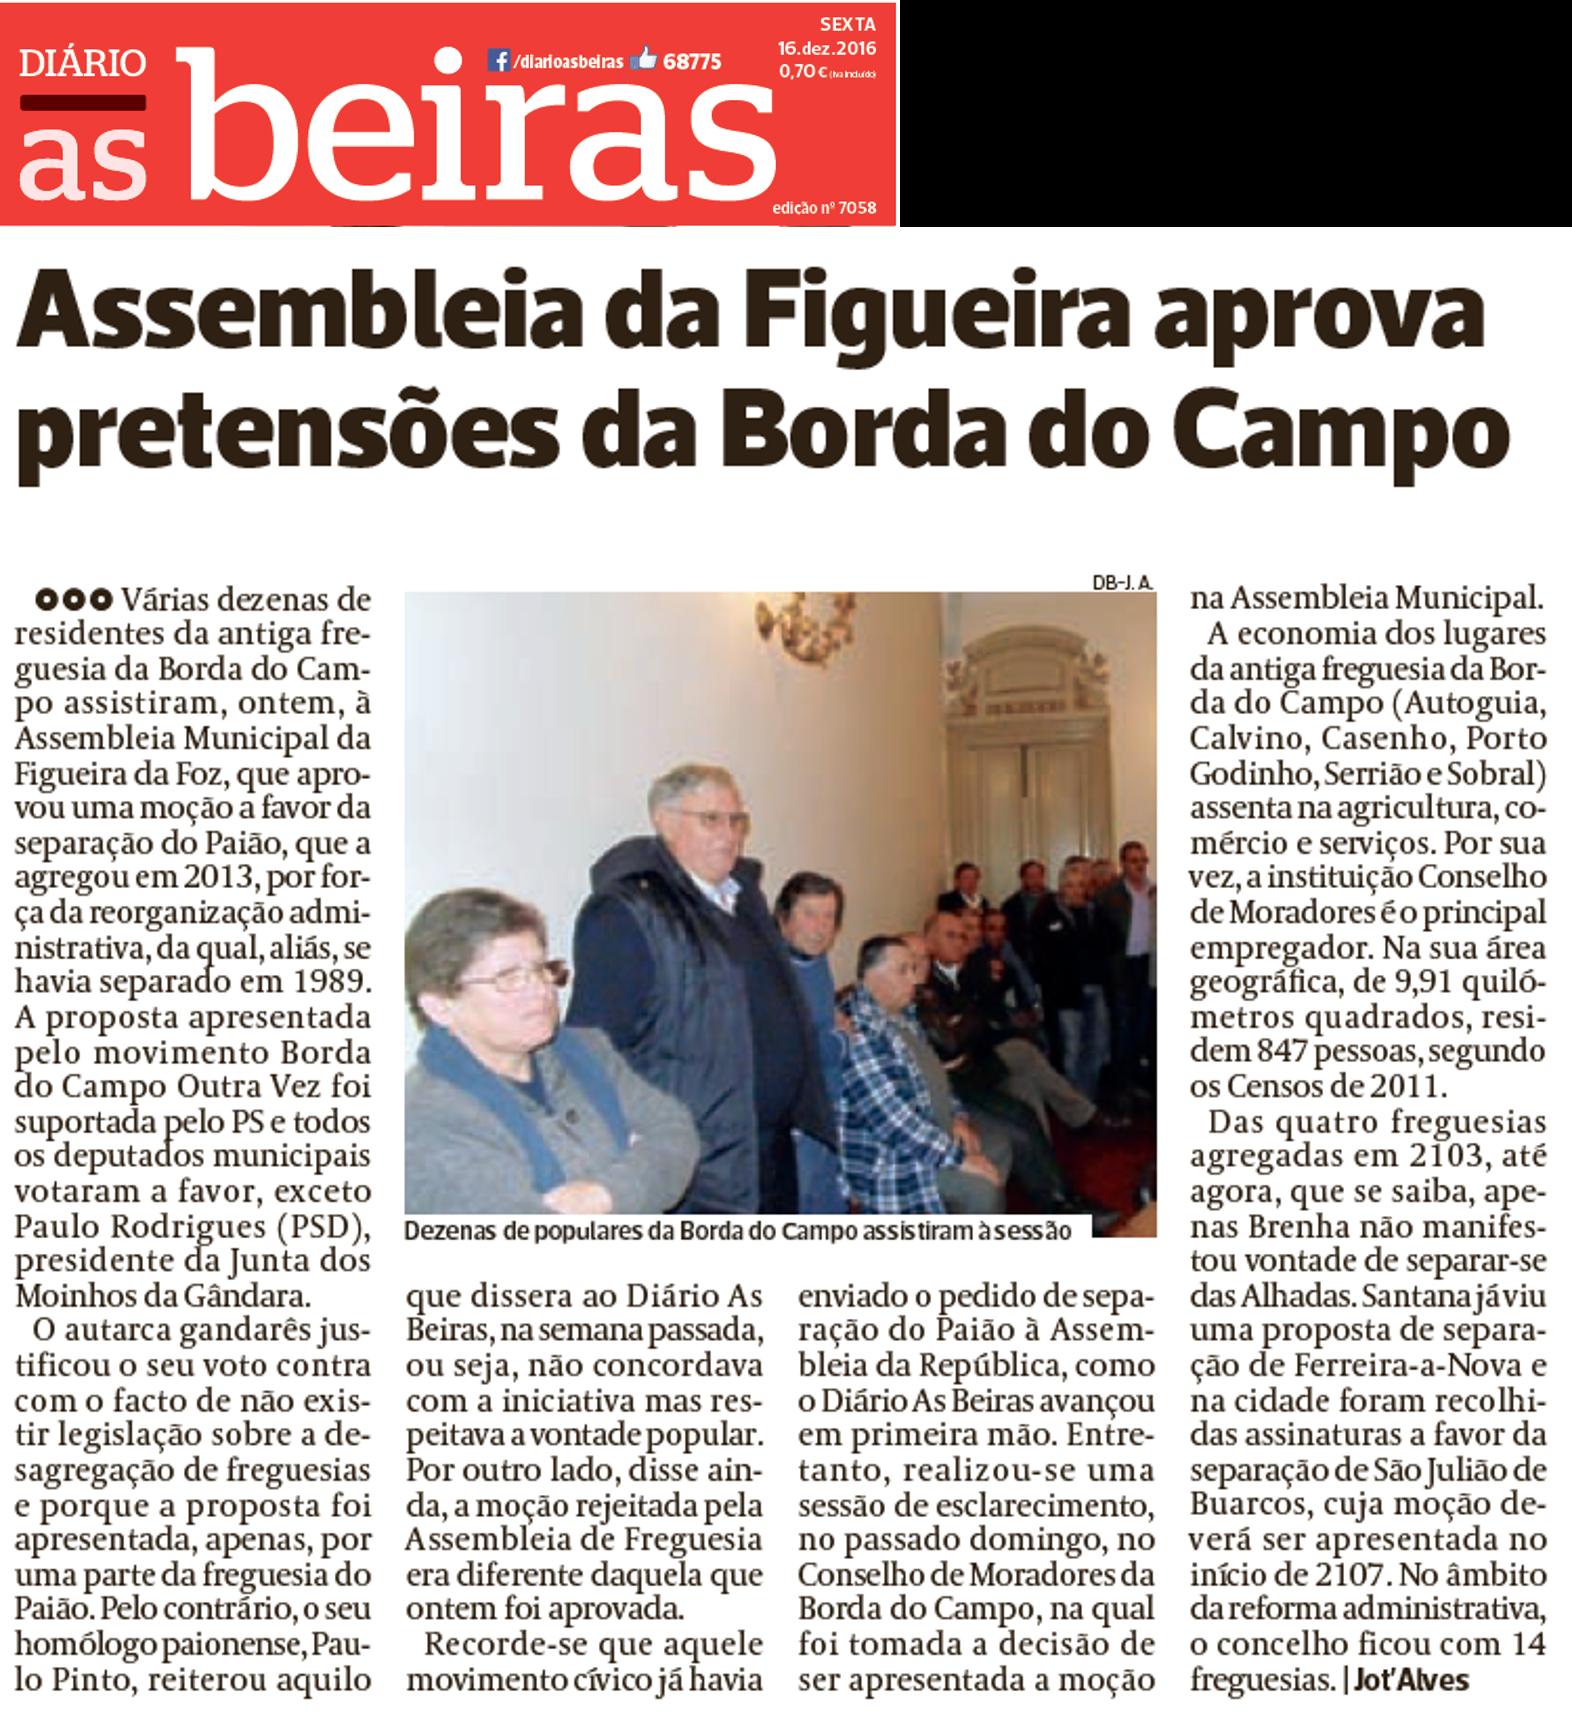 movimento_borda_do_campo_outra_vez_as_beiras_20161216